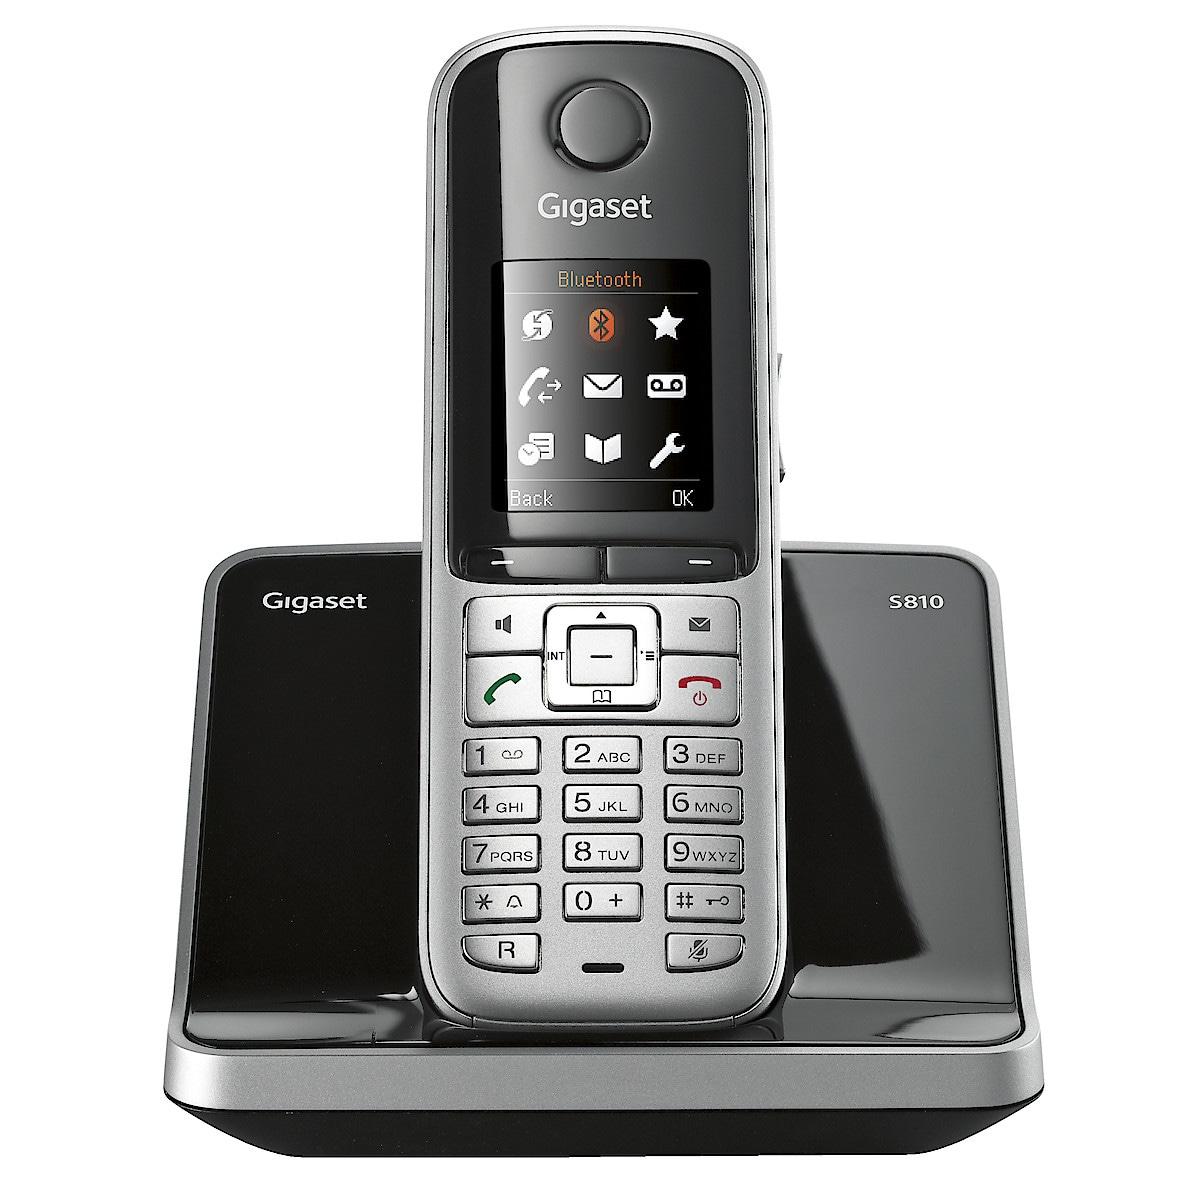 Gigaset S810 trådløs telefon